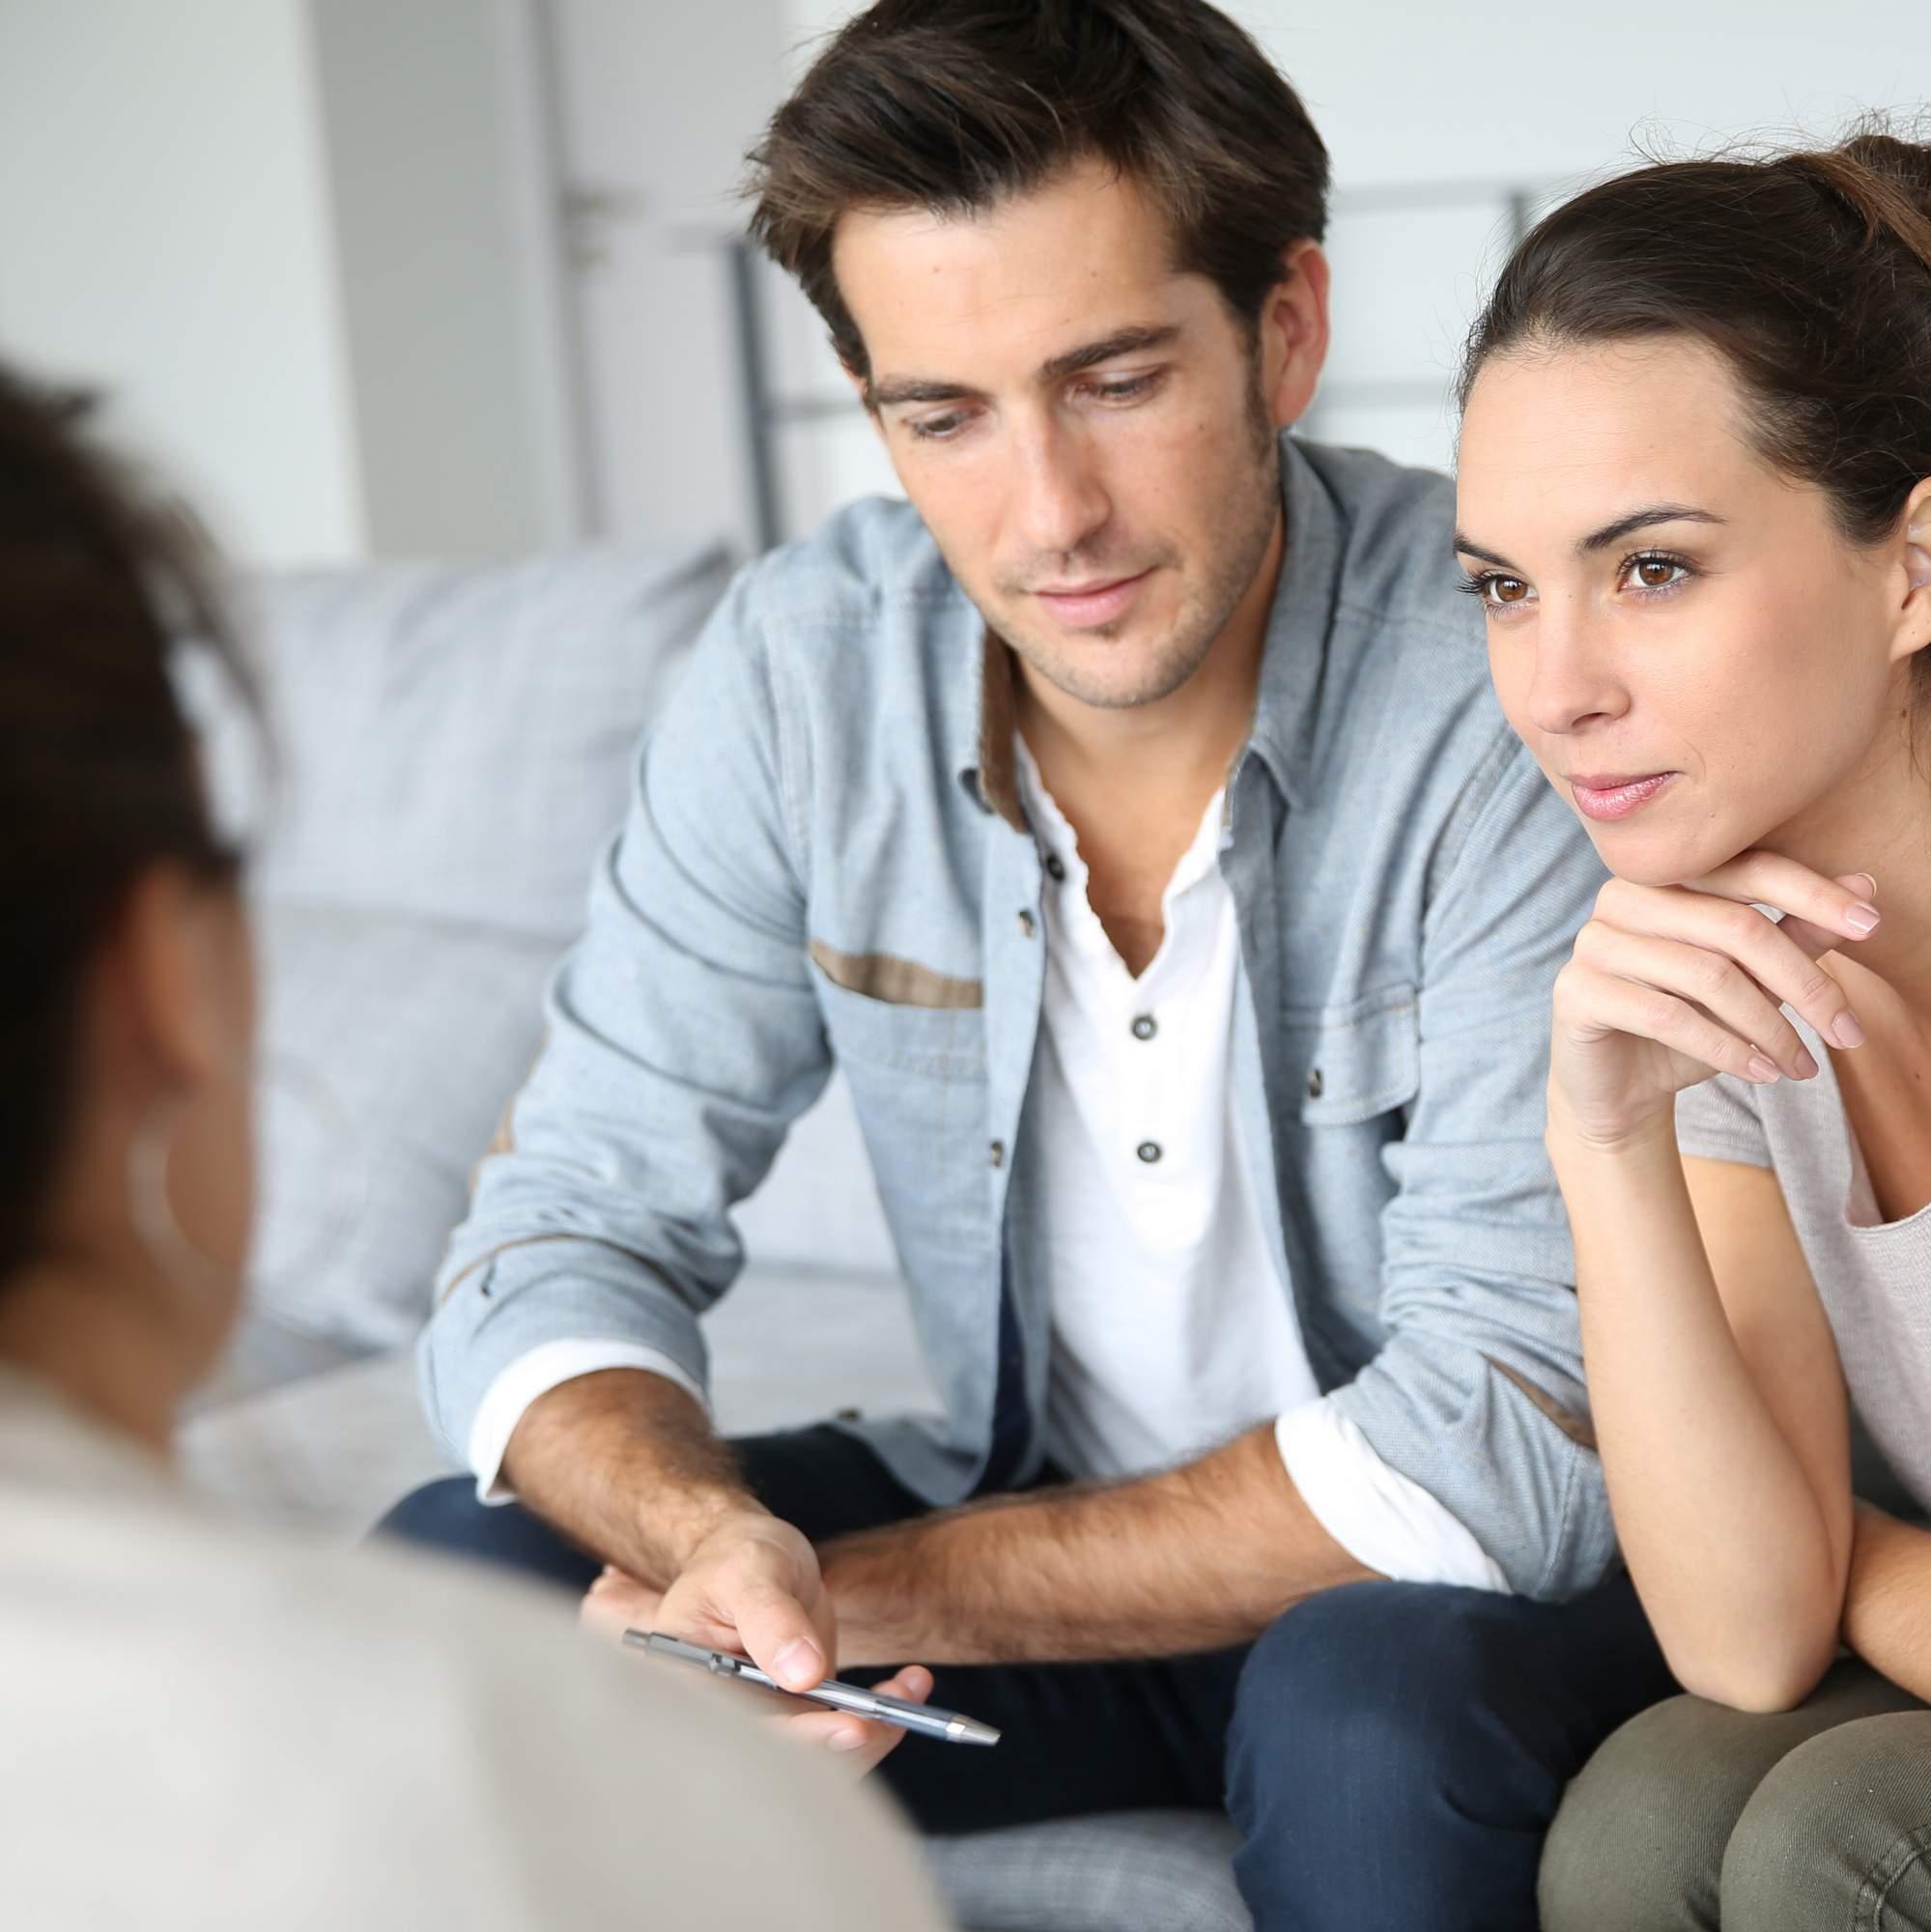 Maison à vendre : Sur quelle(s) plateforme(s) allez-vous trouver une pépite ?